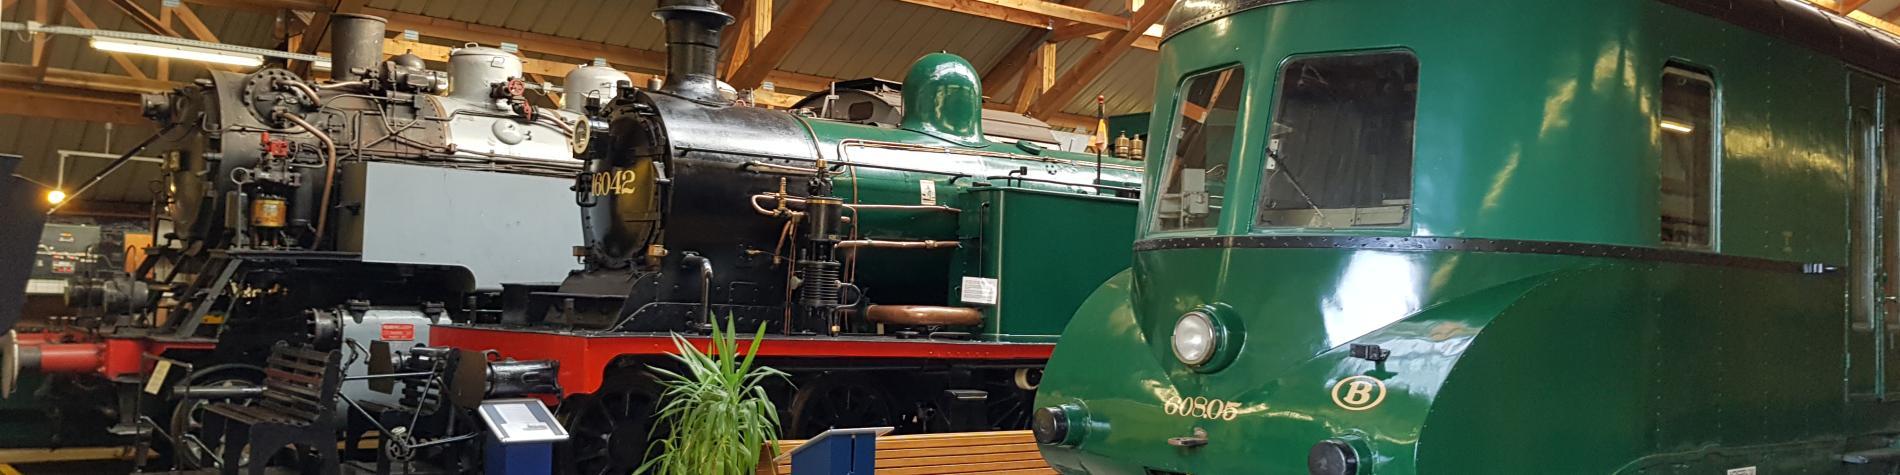 Chemin de fer à vapeur - Musée - Treignes